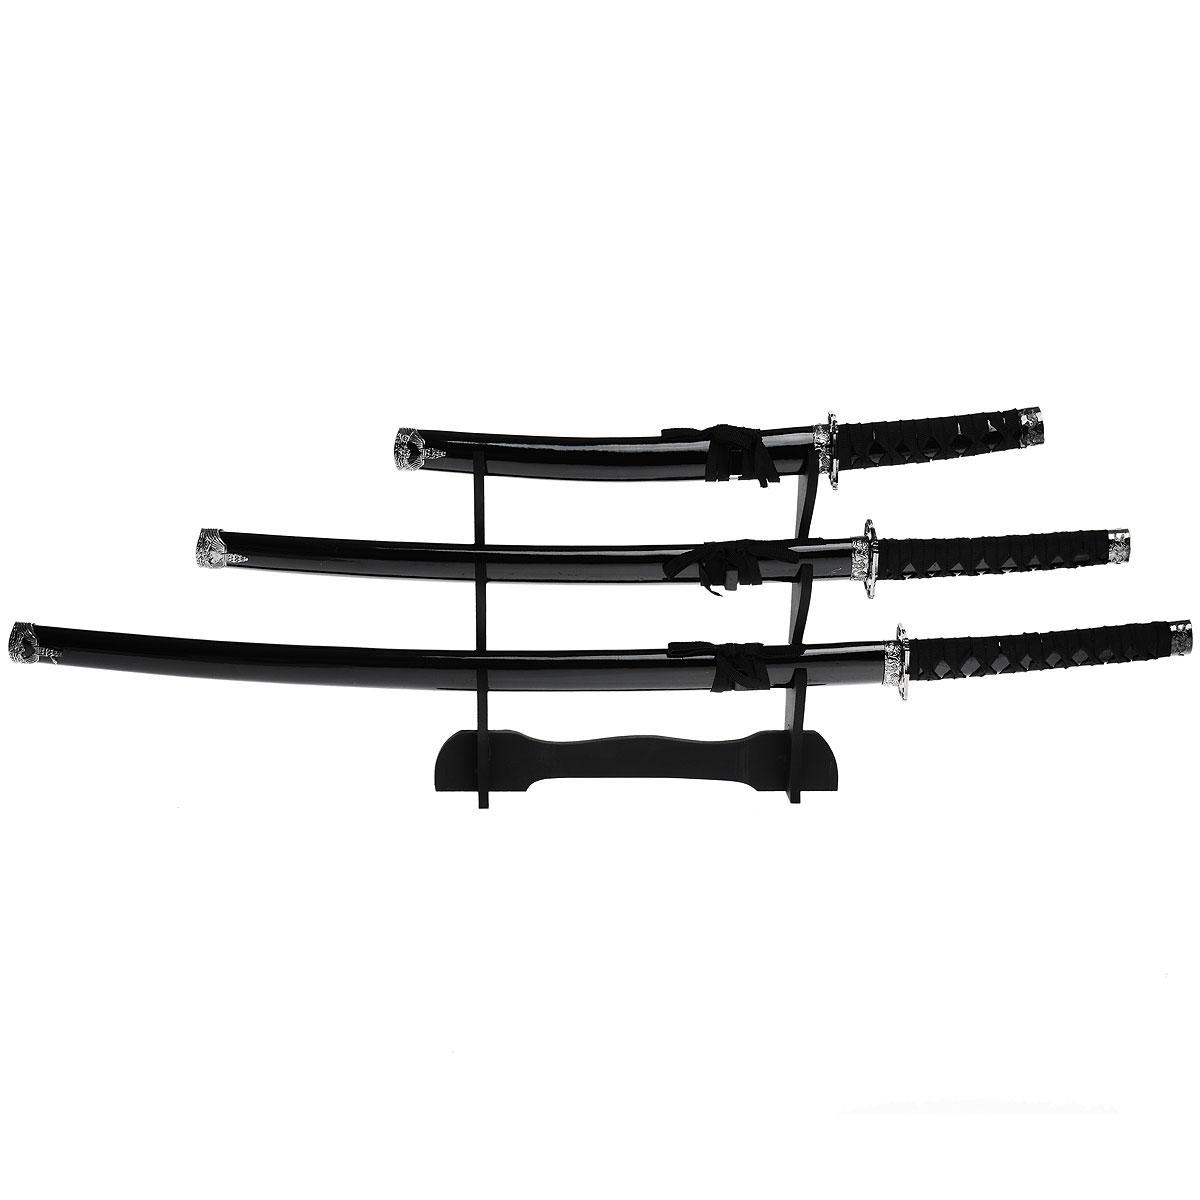 Набор самурайских мечей на подставке, 3 шт. 45426394542Самурайский меч соединяет в себе духовный и материальный миры, физическое и духовное начало... Набор самурайских мечей состоит из длинного меча - катаны, среднего - вакидзаси и короткого меча - танто. Изготовлены они в традиционном японском стиле из стали, ножны украшены плетением из текстильного шнурка. Этот набор - изысканный подарок поклонникам культуры Востока и прекрасное дополнение интерьера вашей квартиры или офиса. В качестве настенного украшения самурайские мечи использовались еще с древности, знаменуя собой подвиги славных предков. Благодаря специальной подставке, вы можете не только повесить мечи на стену, но и поставить в любое удобное для вас место. Характеристики:Материал:металл, пластик, дерево, текстиль.Длина мечей: 100 см; 81 см; 54 см.